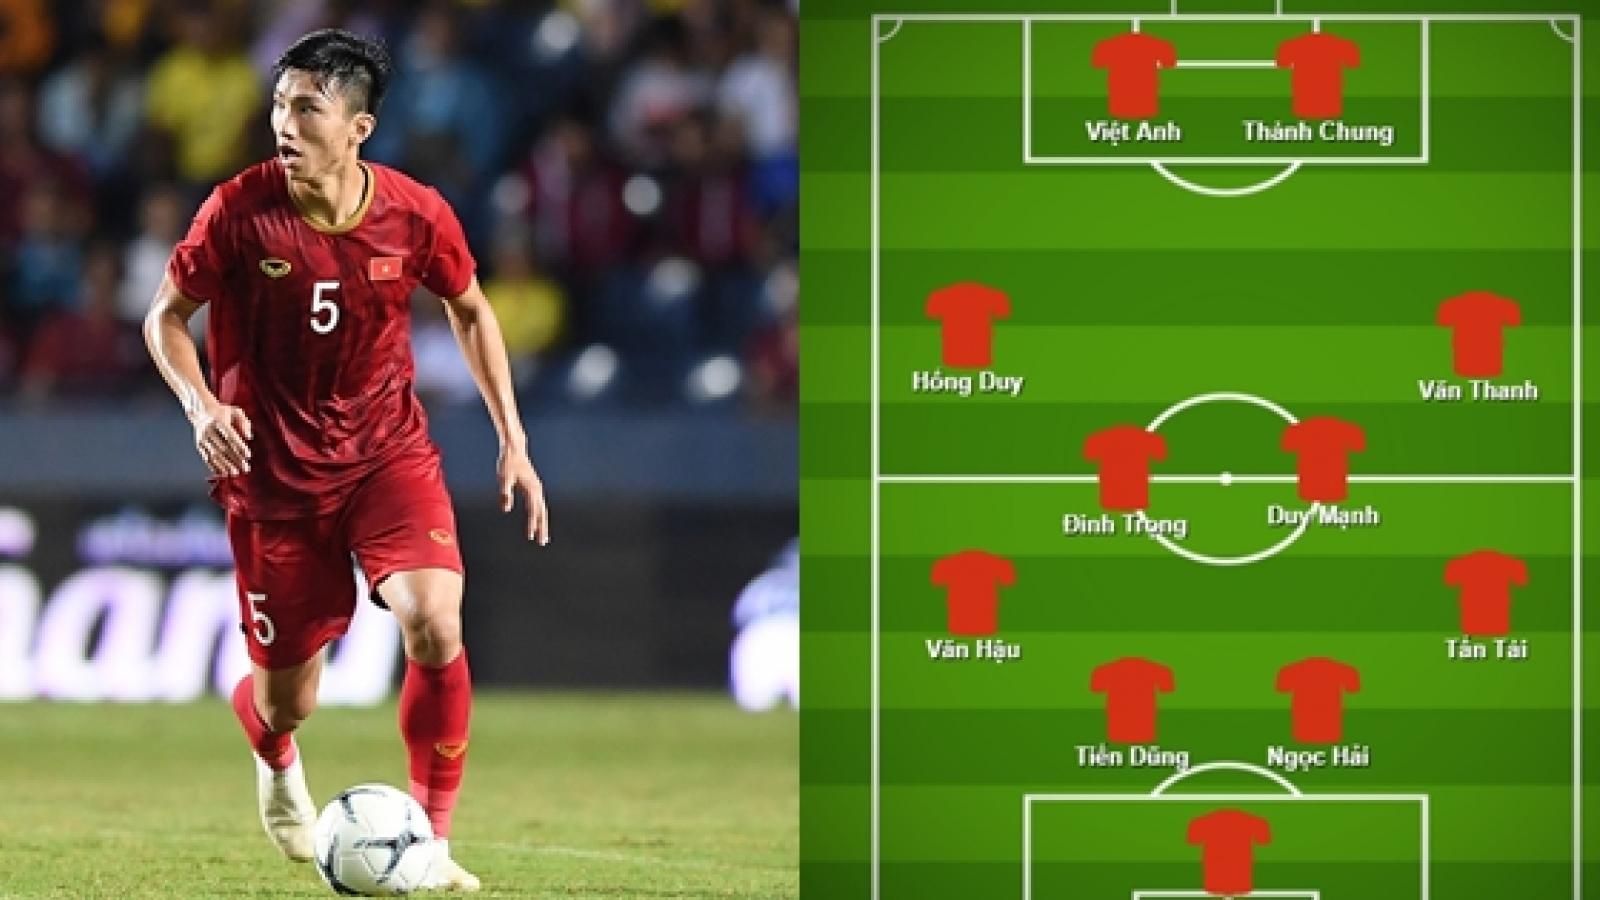 """ĐT Việt Nam có thể tung ra đội hình """"siêu hậu vệ"""" ở vòng loại World Cup"""